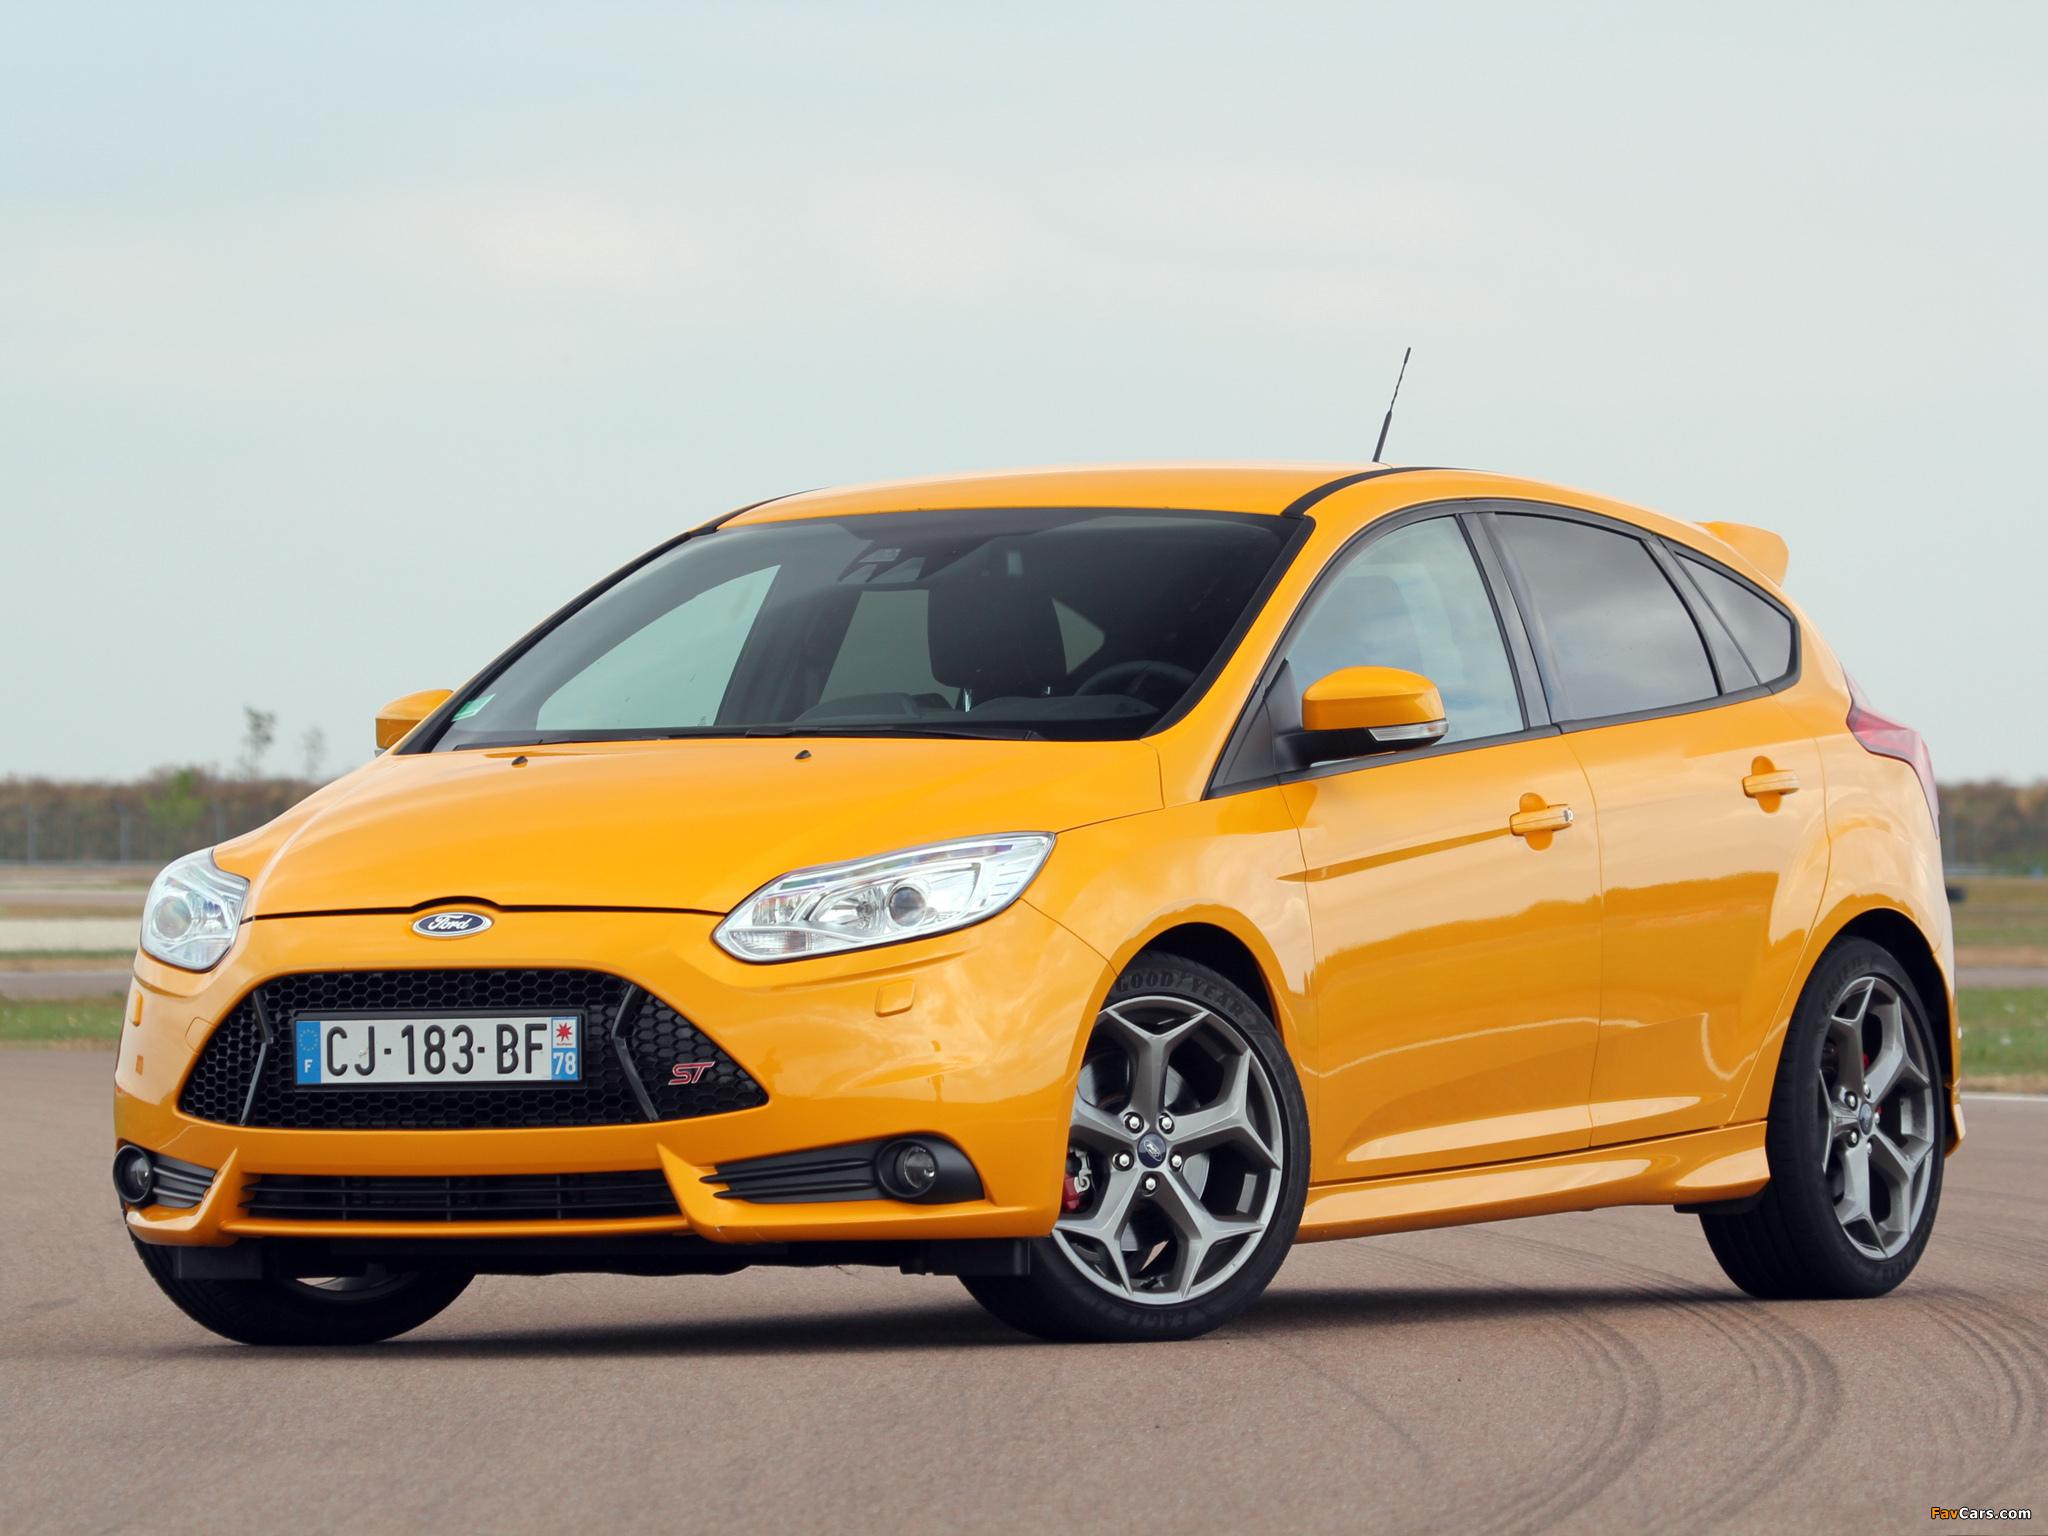 Каков размер дорожного просвета Ford Focus 3?